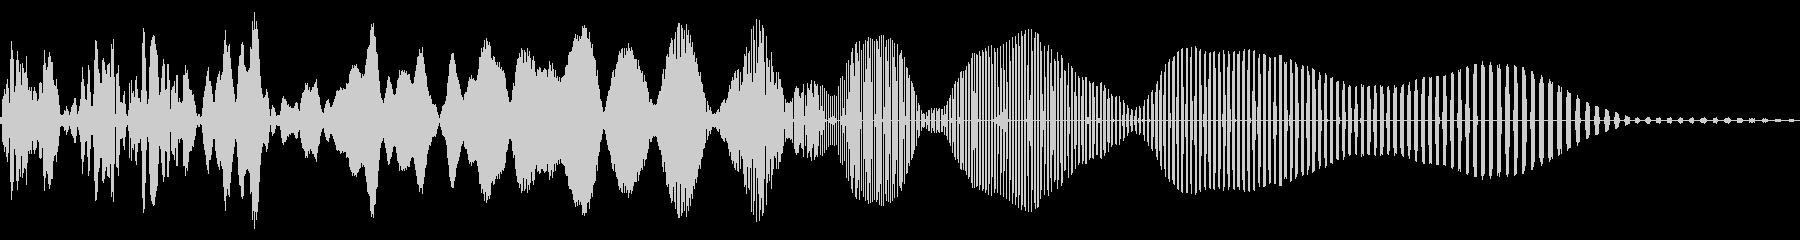 VINTAGE ELECTRONI...の未再生の波形